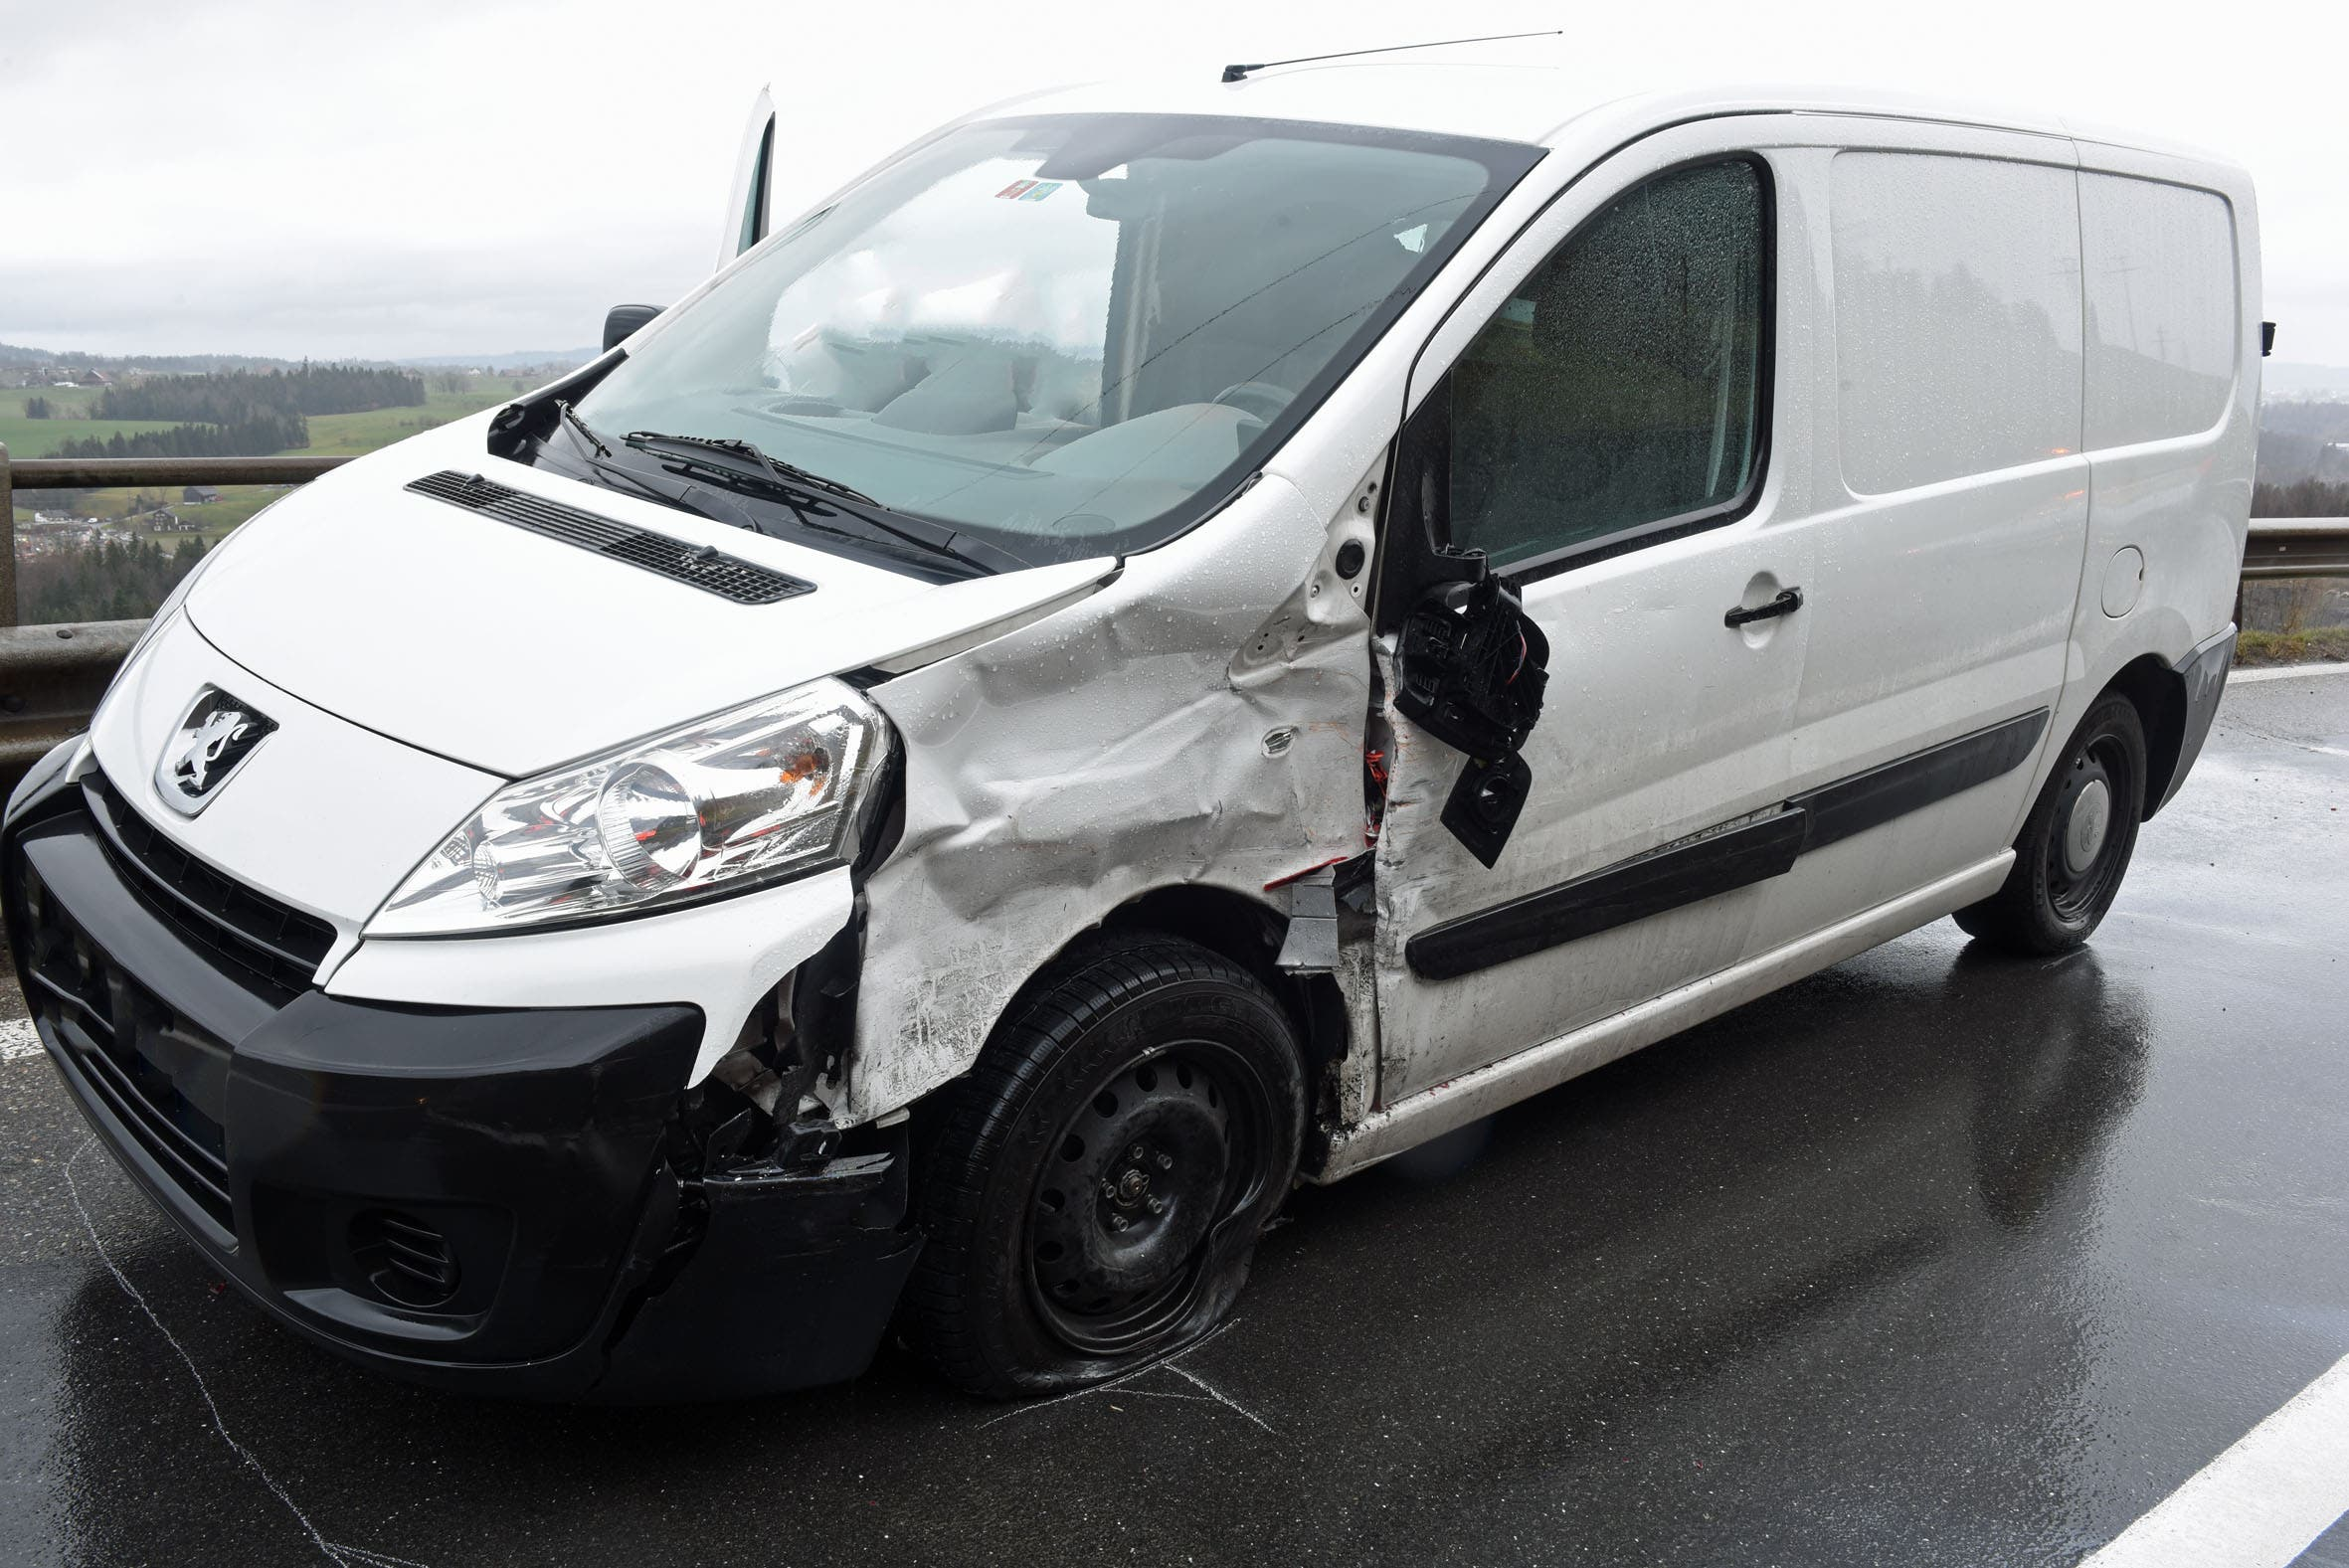 Das Auto drehte sich und prallte mit dem Heck gegen die linke Frontecke eines entgegenkommenden Lieferwagens. Verletzt wurde niemand.